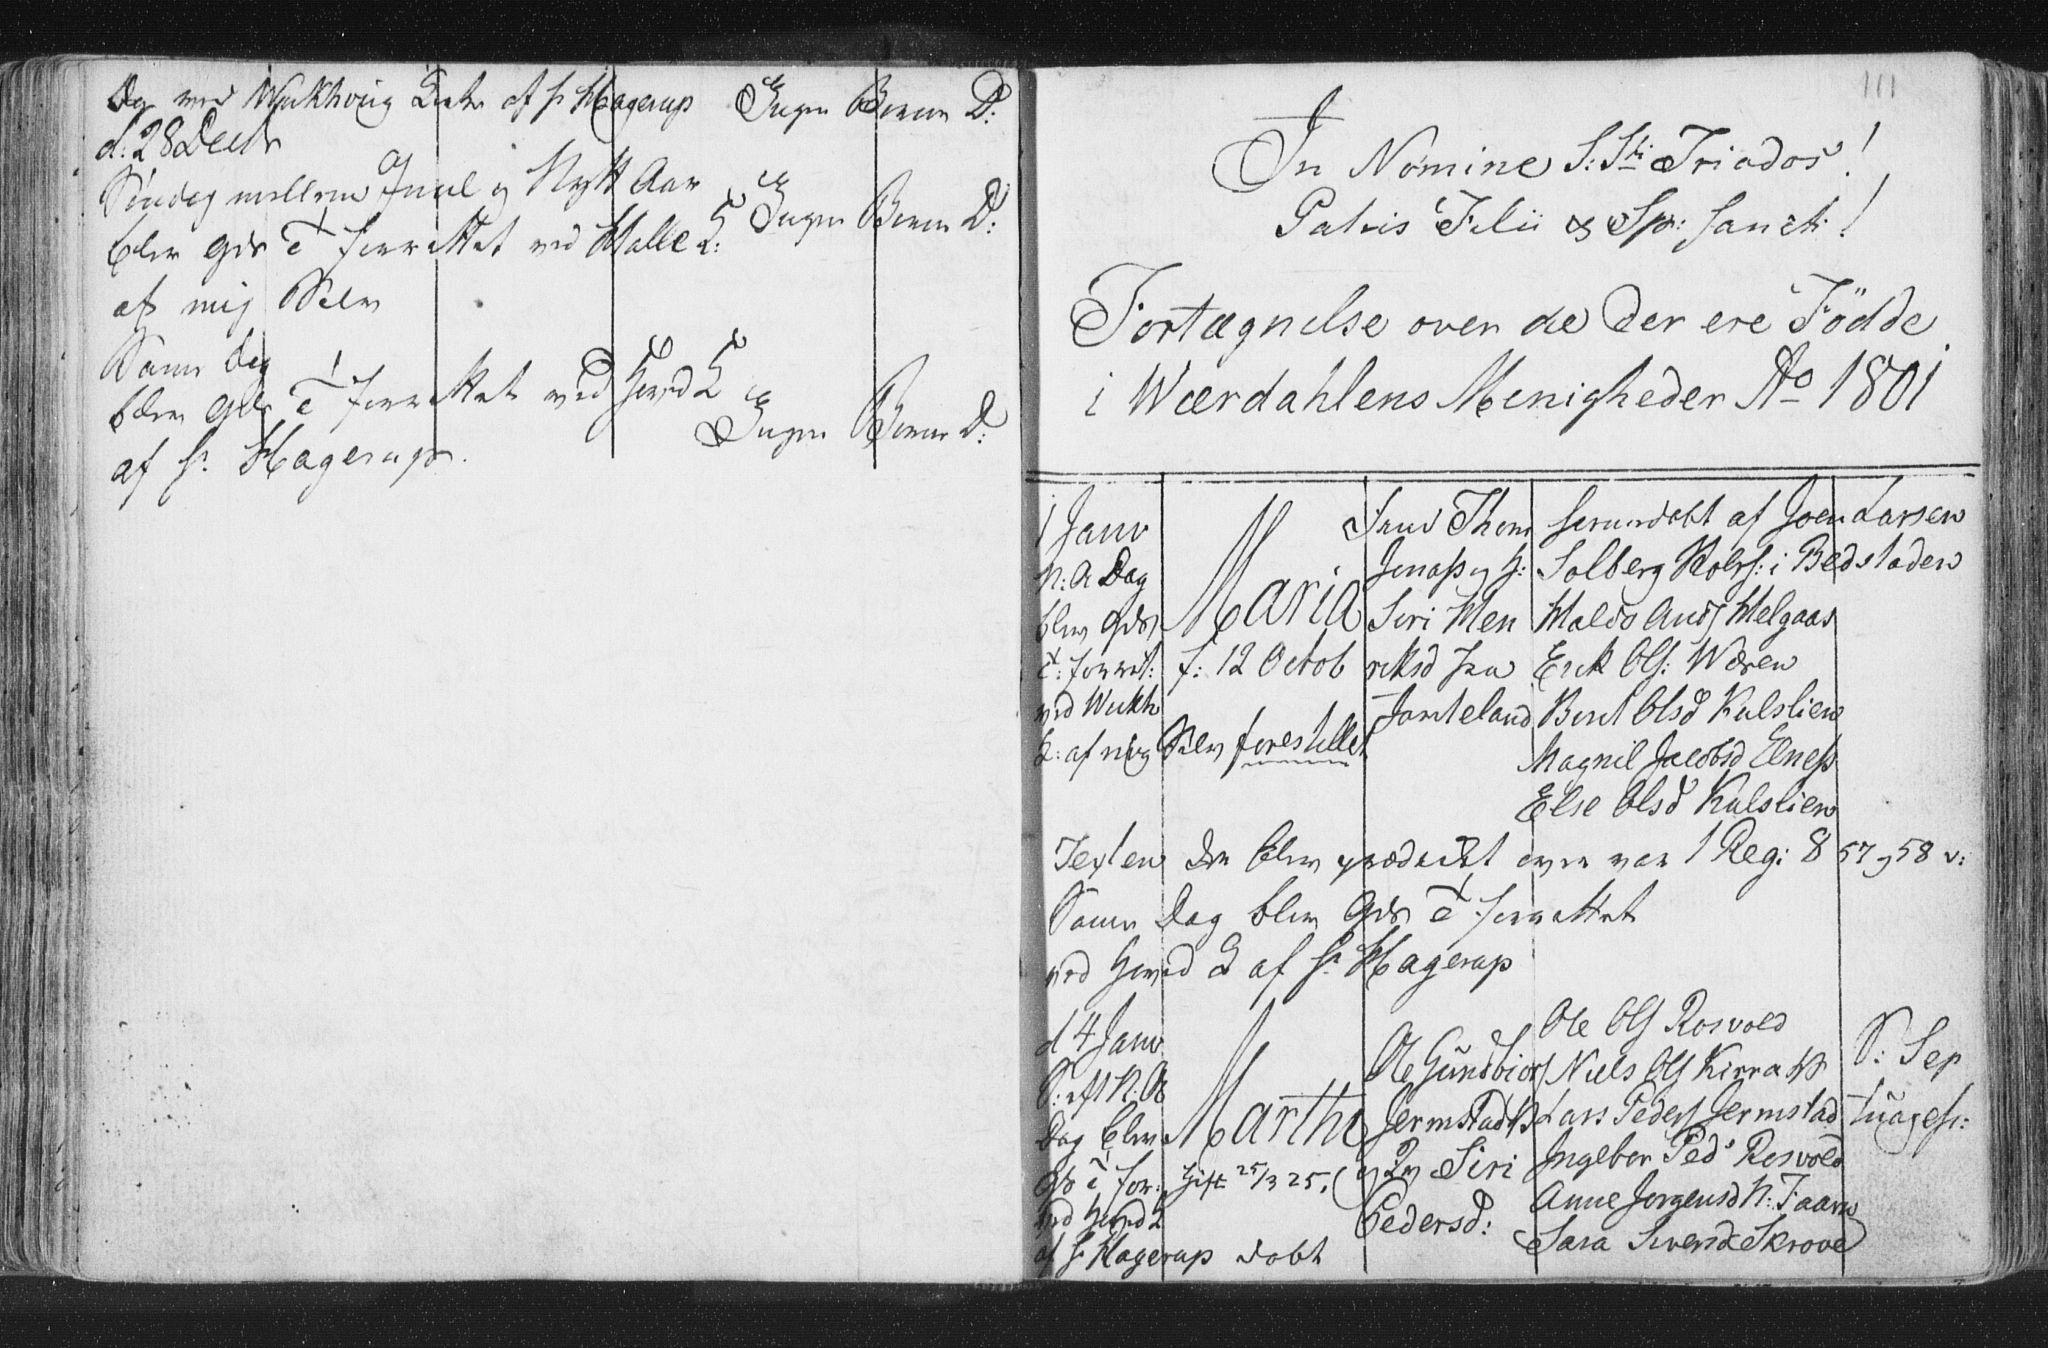 SAT, Ministerialprotokoller, klokkerbøker og fødselsregistre - Nord-Trøndelag, 723/L0232: Ministerialbok nr. 723A03, 1781-1804, s. 111